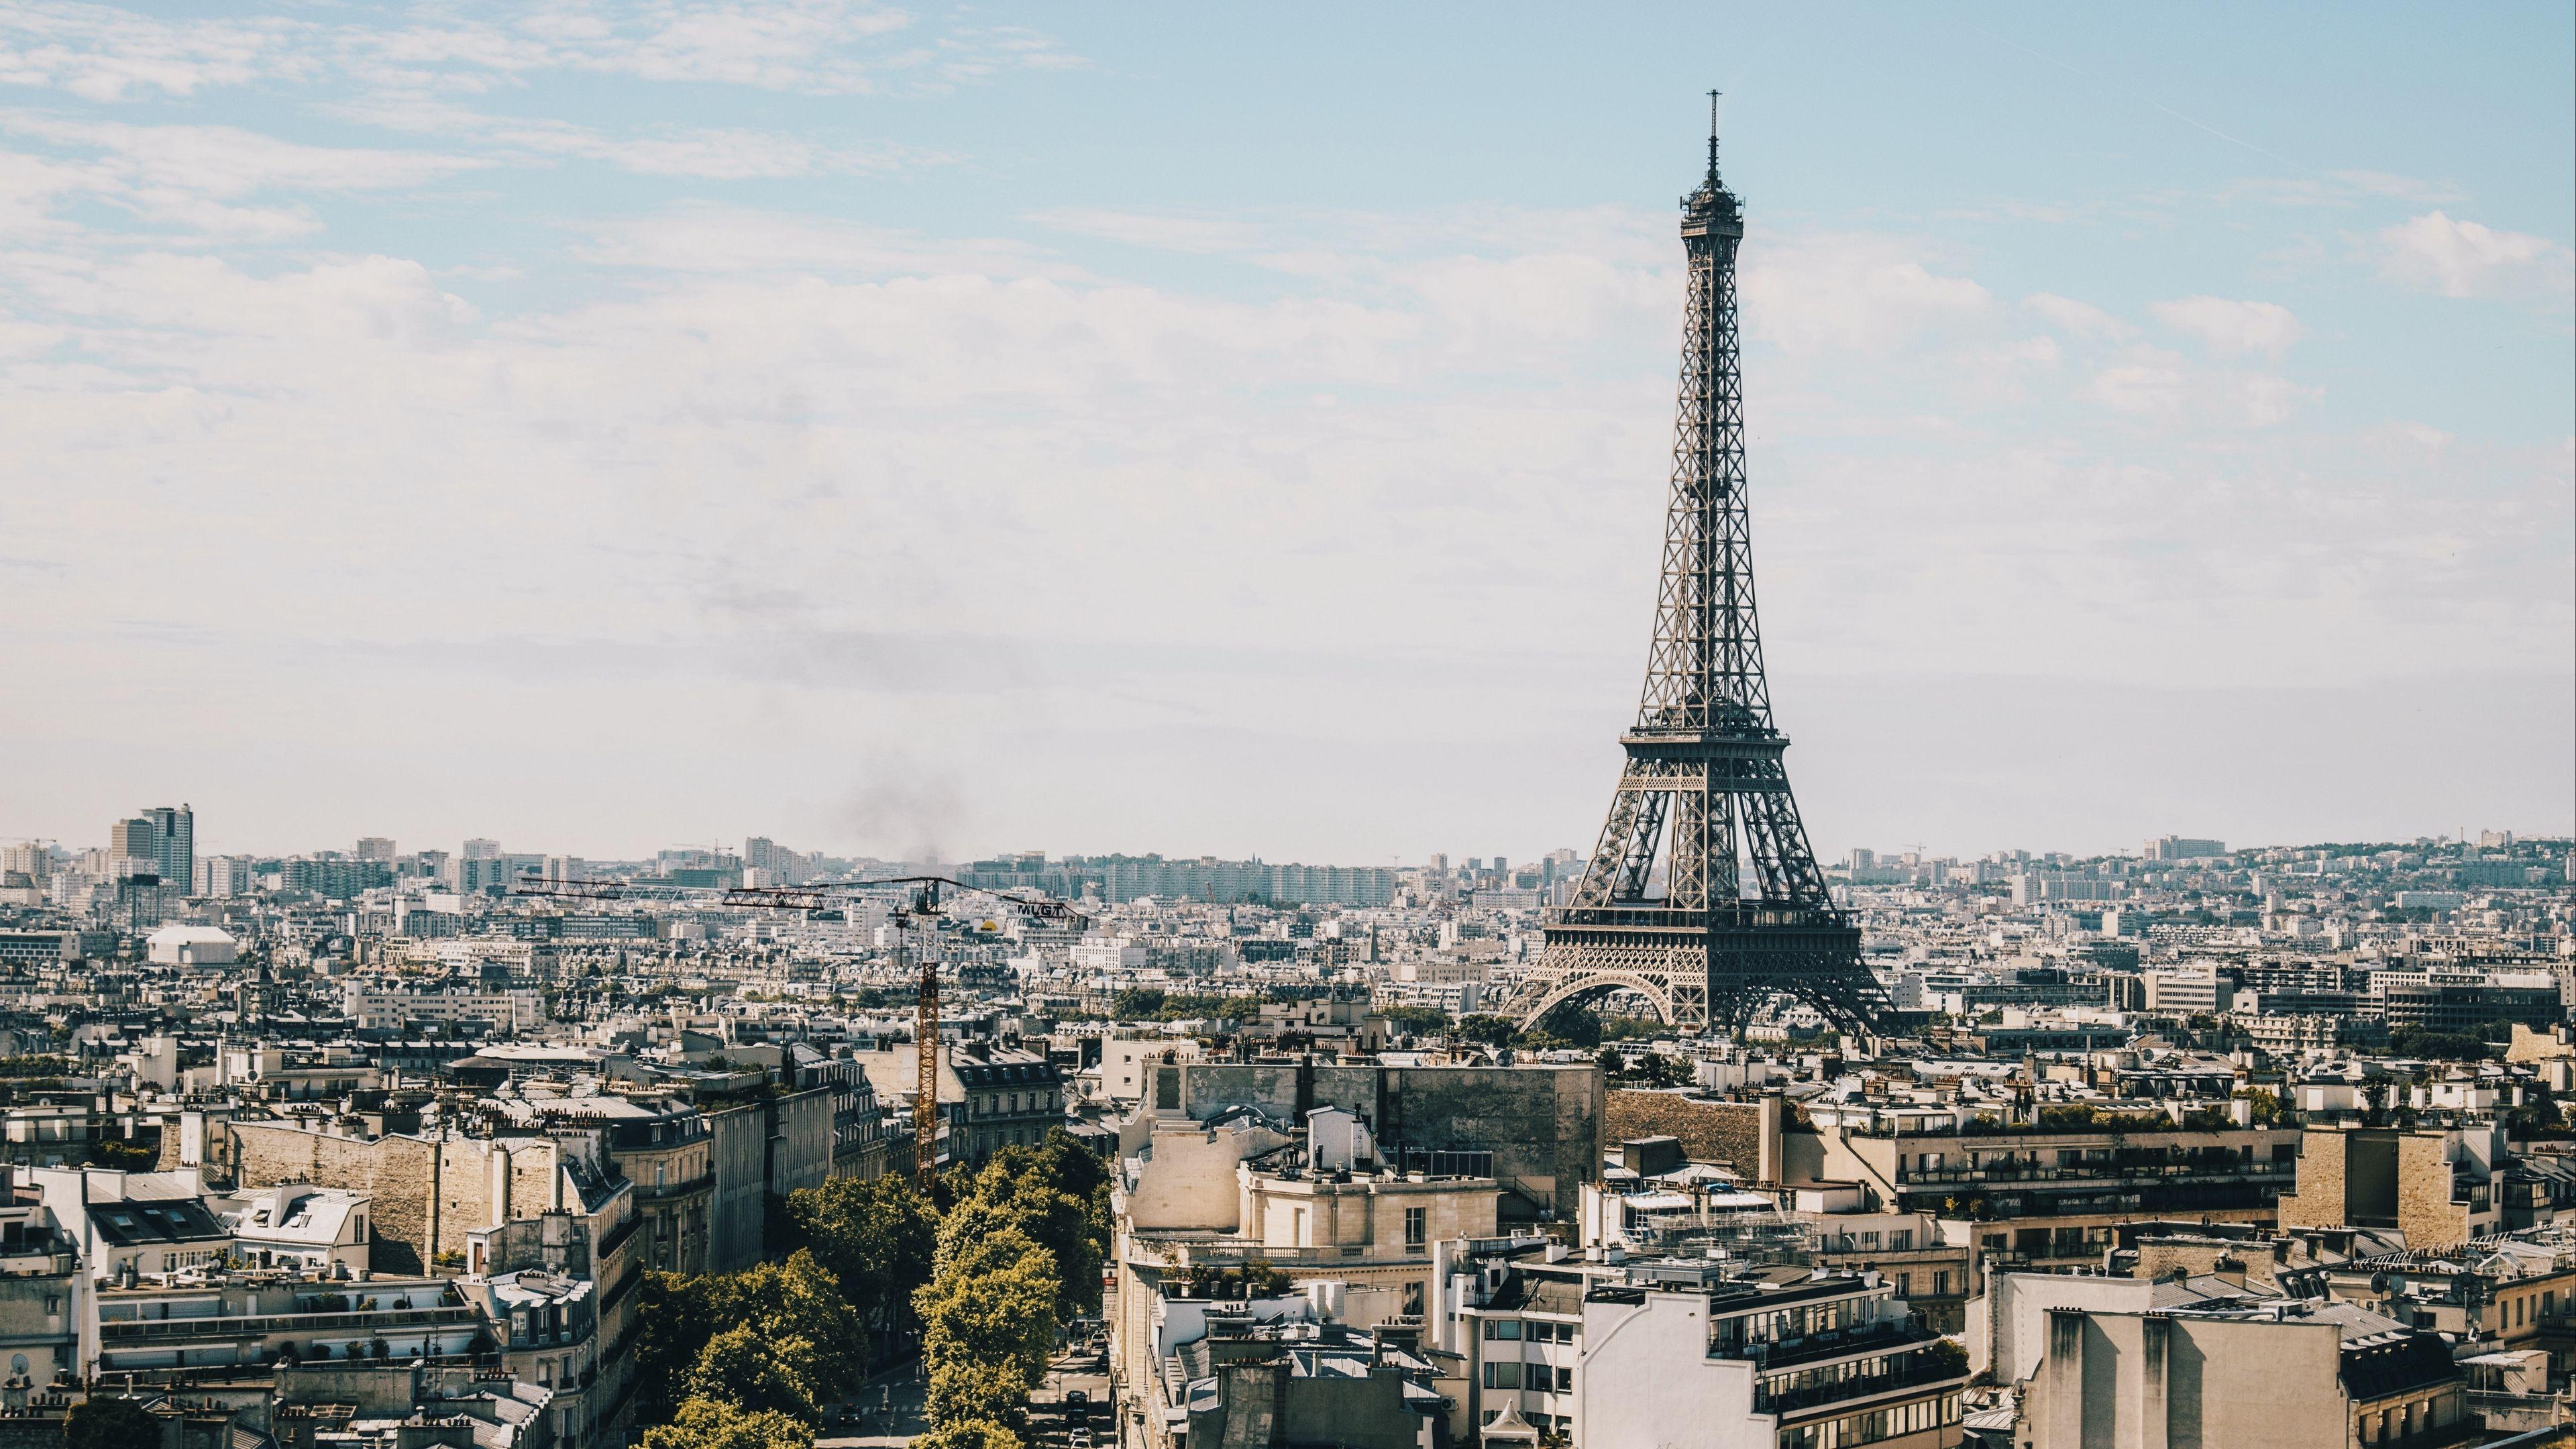 Eiffel Tower Paris Buildings 4k Paris Eiffel Tower Buildings In 2020 Paris Wallpaper London Wallpaper Laptop Wallpaper Desktop Wallpapers